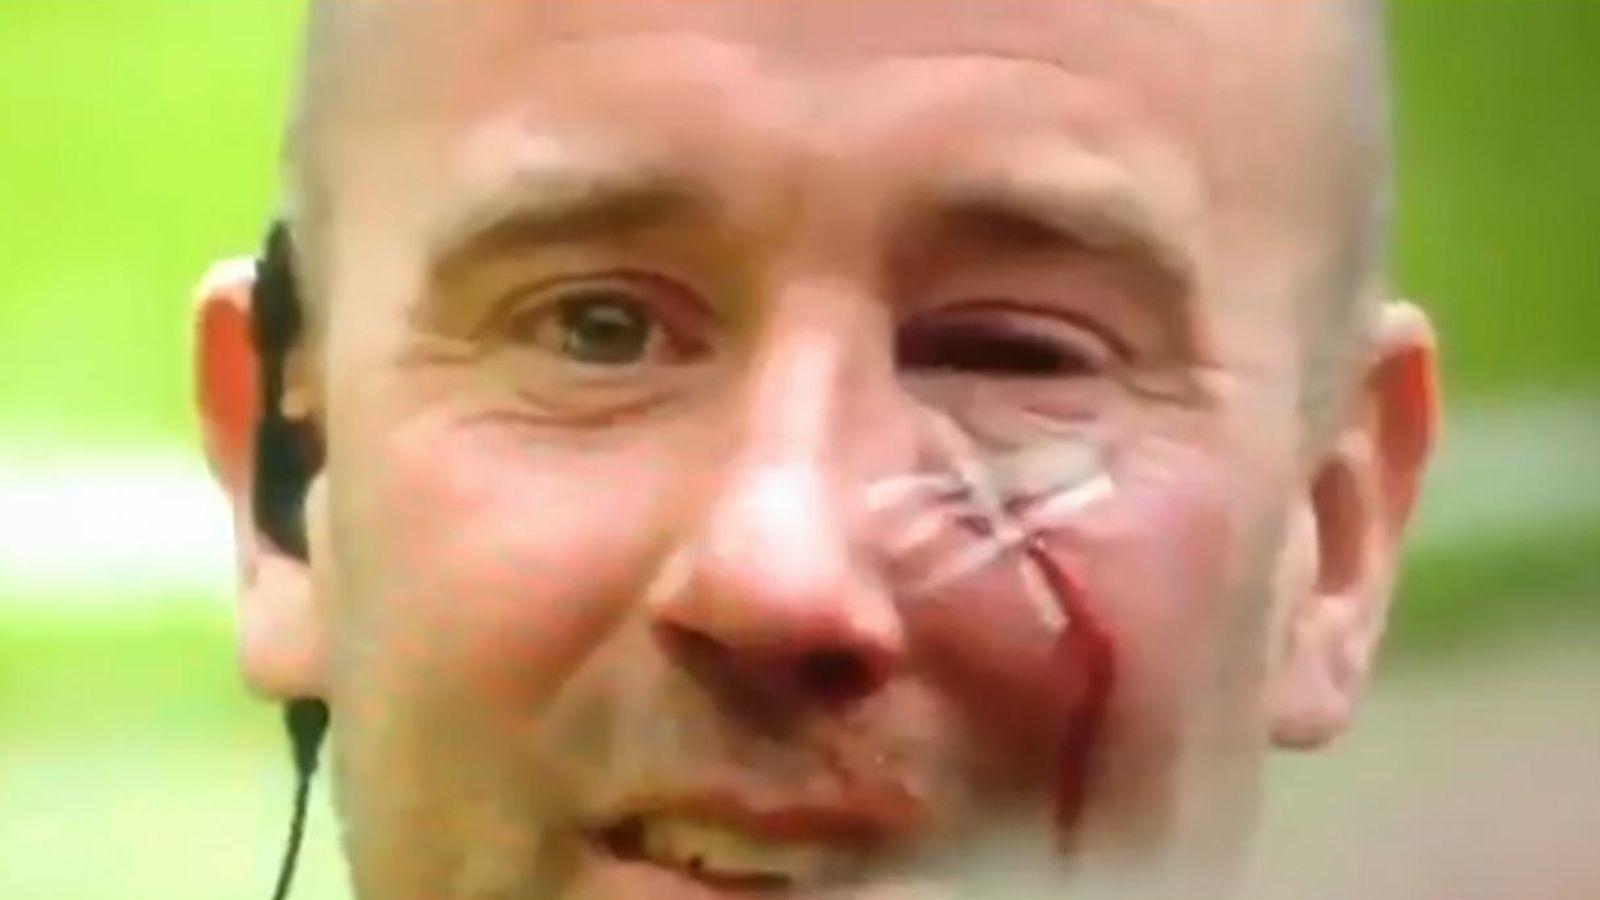 和平示威?球迷拖拽和殴打警察,6人受伤,1名球迷已被逮捕插图